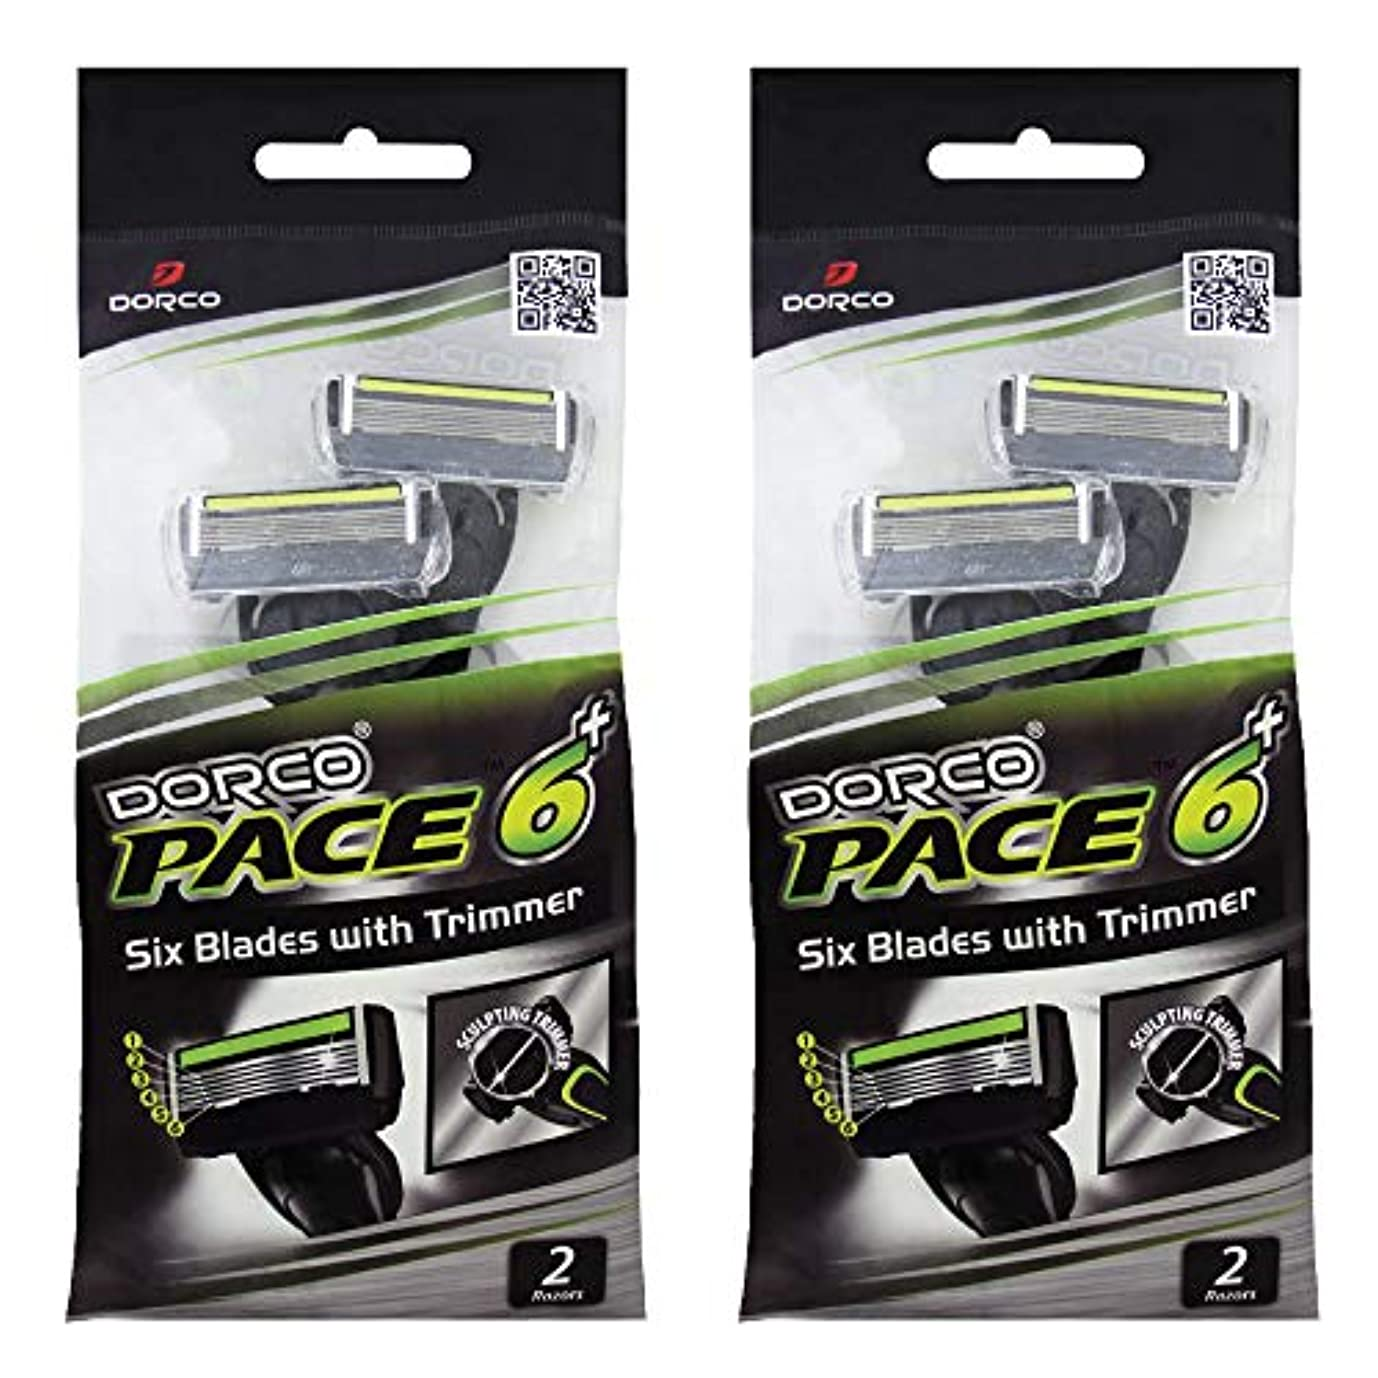 頬プロットお金ドルコ Pace6 Plus 枚刃カミソリ トリマー付き:Dorco メンズT字シェーバー4本入り、使い捨て、肌に優しい深剃り [並行輸入品]